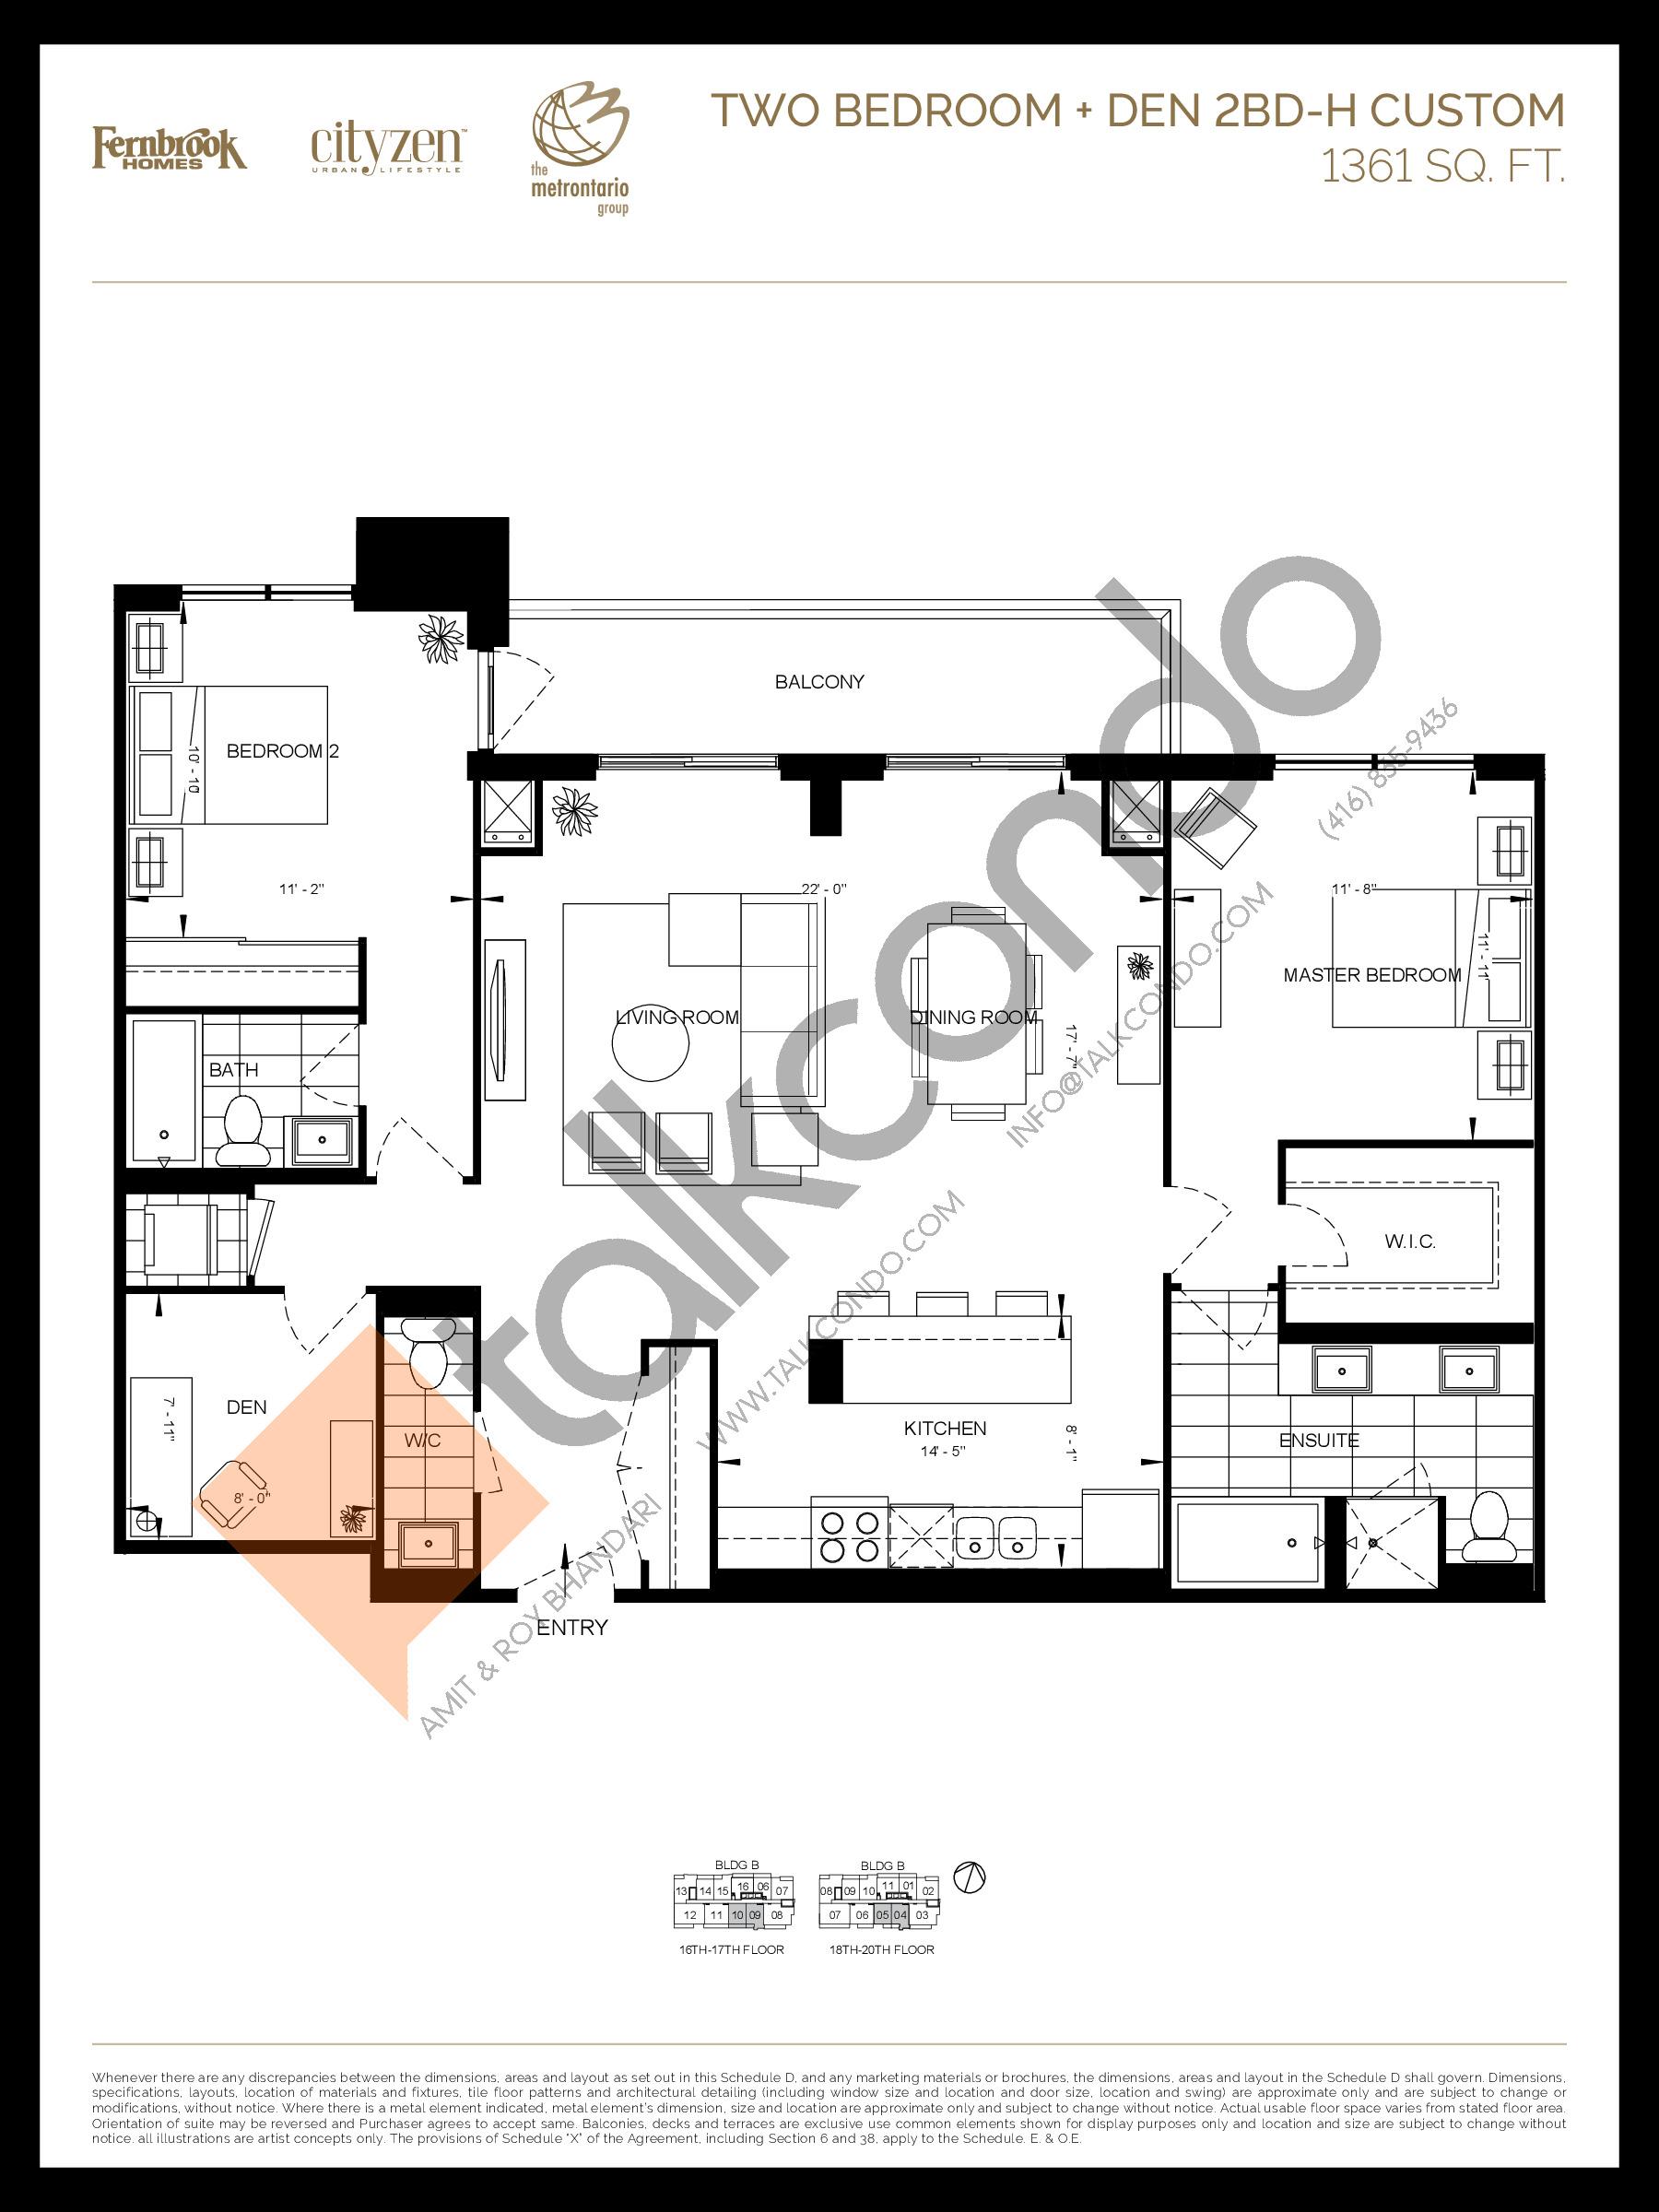 2BD-H Floor Plan at D'or Condos - 1361 sq.ft